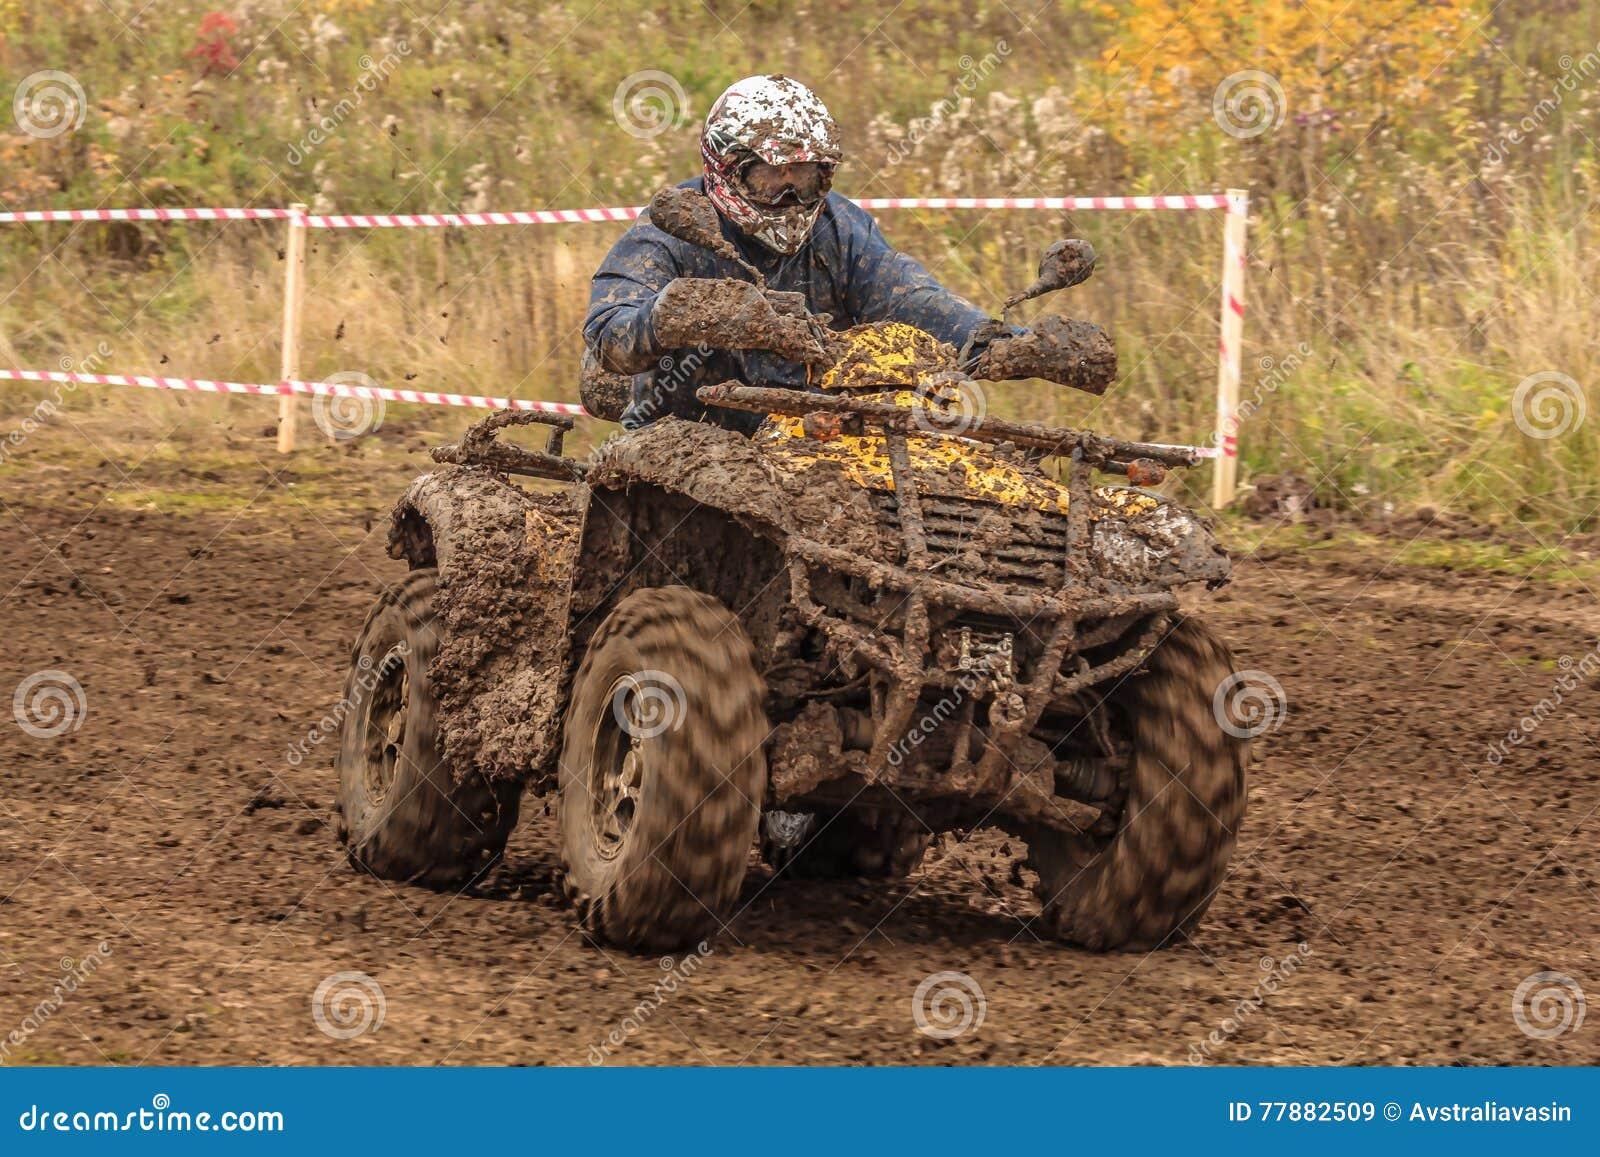 Competir Con ATV Imagen de archivo editorial